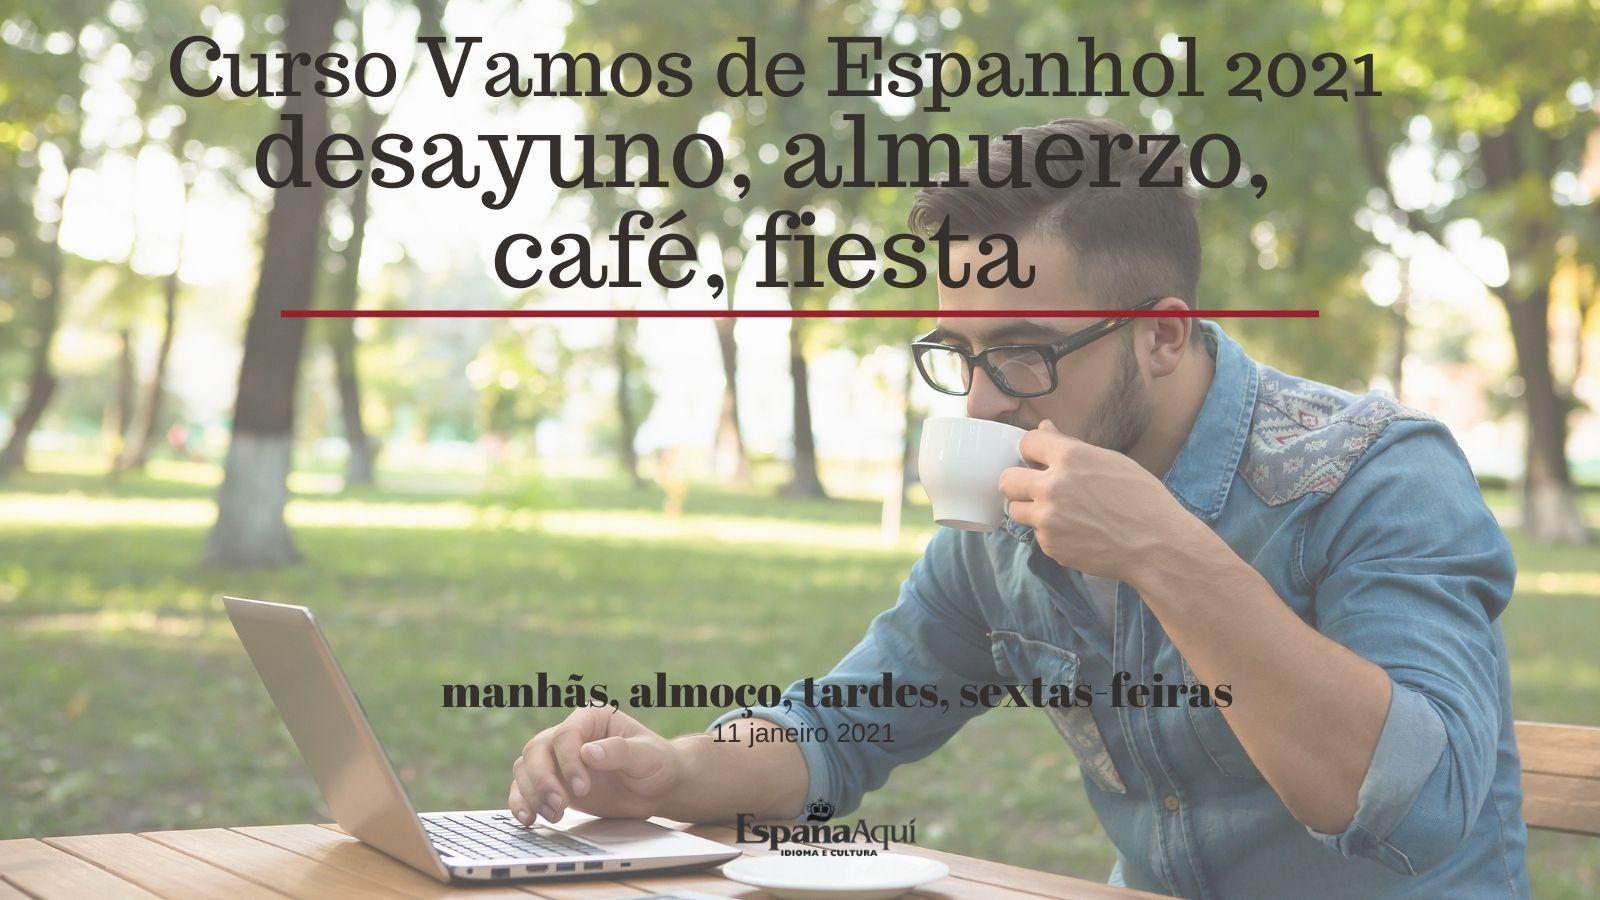 http://www.espanaaqui.com.br/pdf/fevereiro%202021/priorit%c3%a1rio%20twitter%20desayuno....jpg